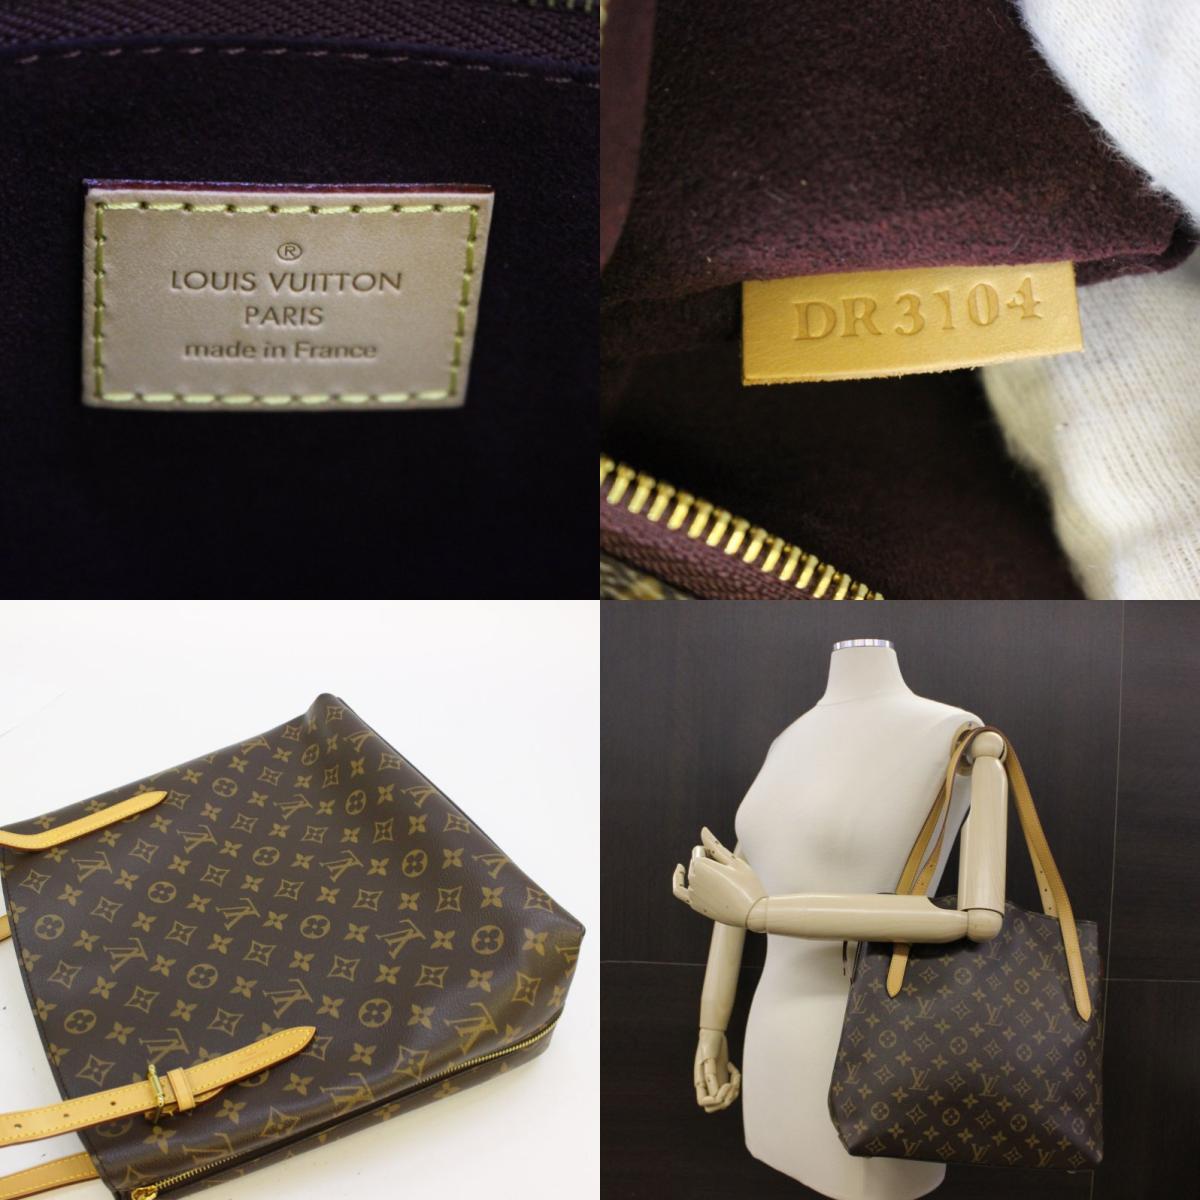 路易威登 volt<strong>a</strong>ire 单肩包 bag m41208 monogram 棕色 used vintage